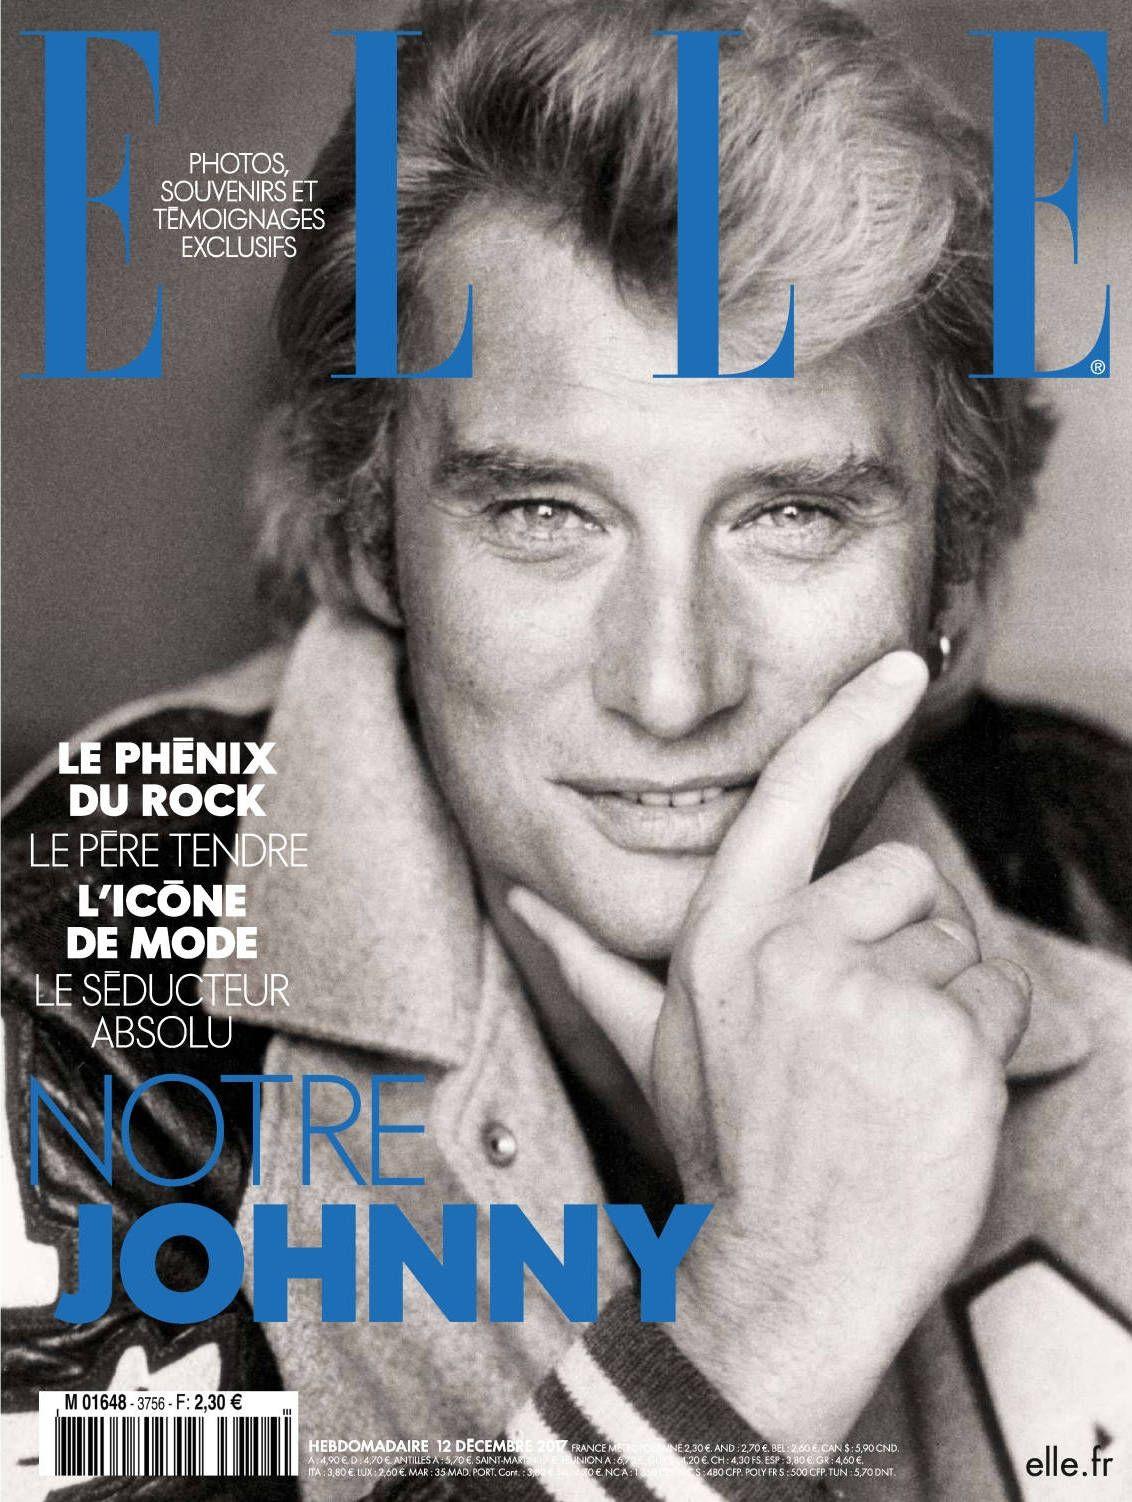 ELLE Francia dedica una portada póstuma a Johnny Halladay en su número de diciembre